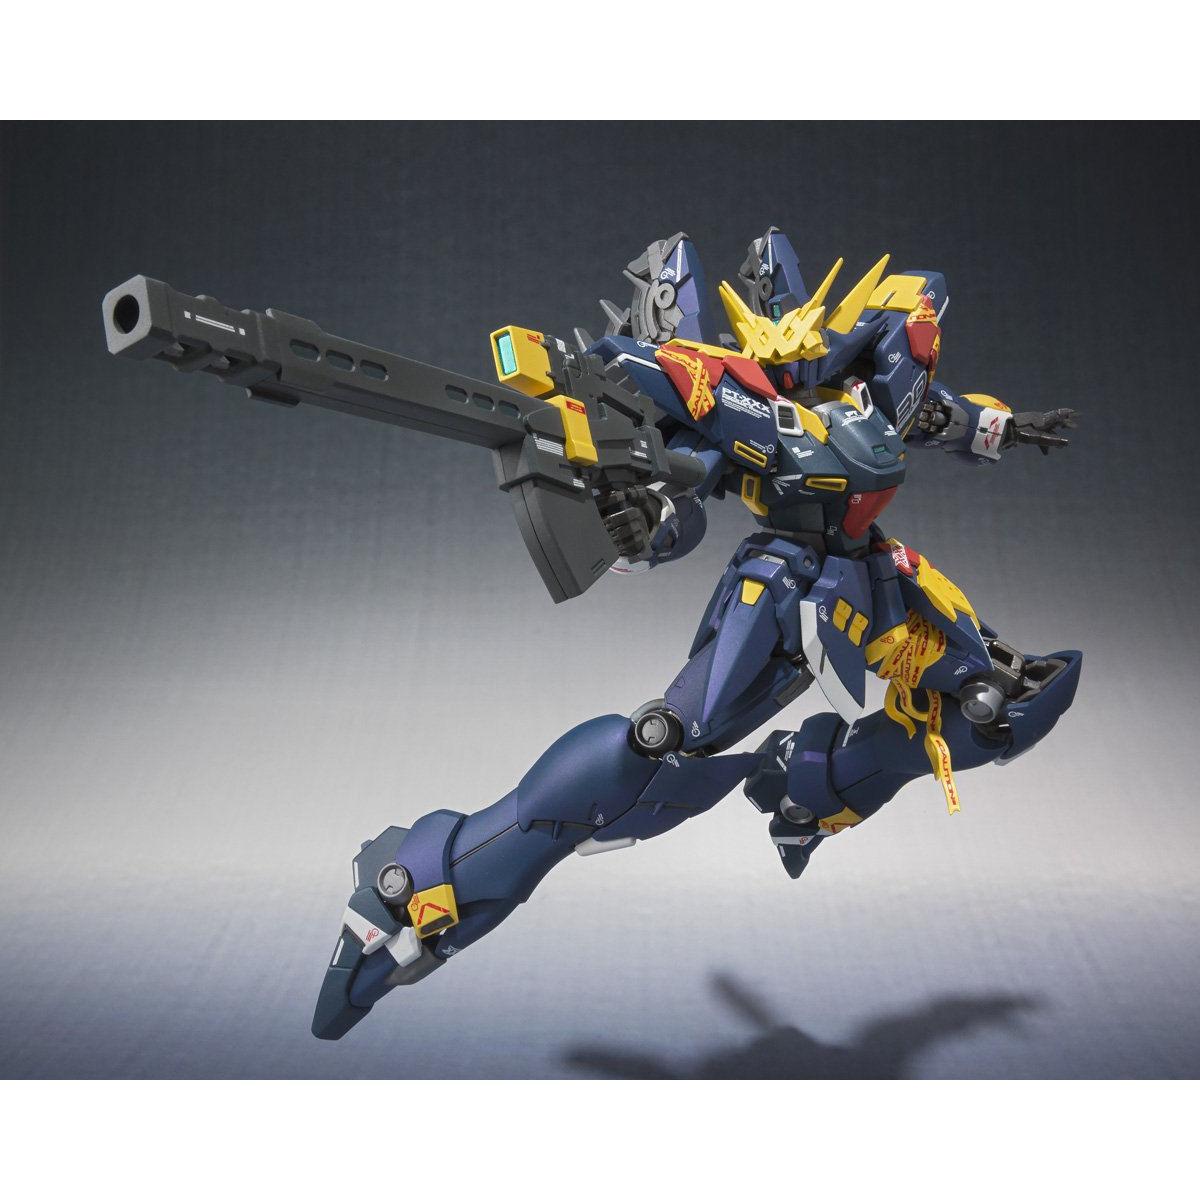 【限定販売】PlayStation4『スーパーロボット大戦30 超限定版』ゲームソフト-004